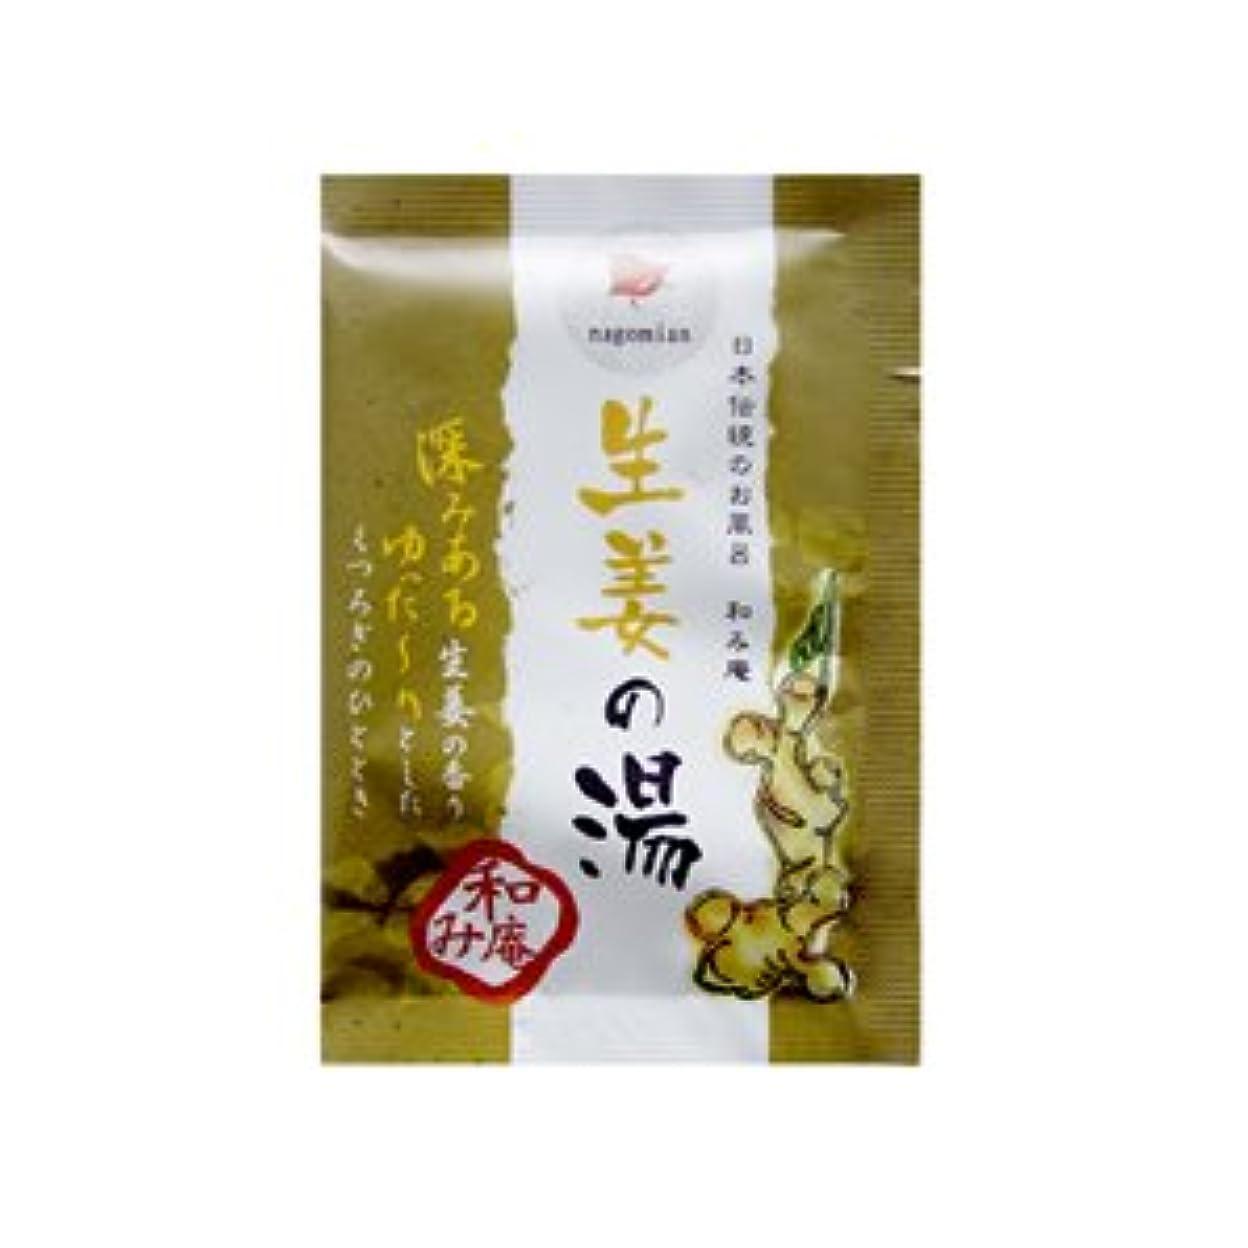 ジャンピングジャック共和党カメ日本伝統のお風呂 和み庵 生姜の湯 25g 5個セット